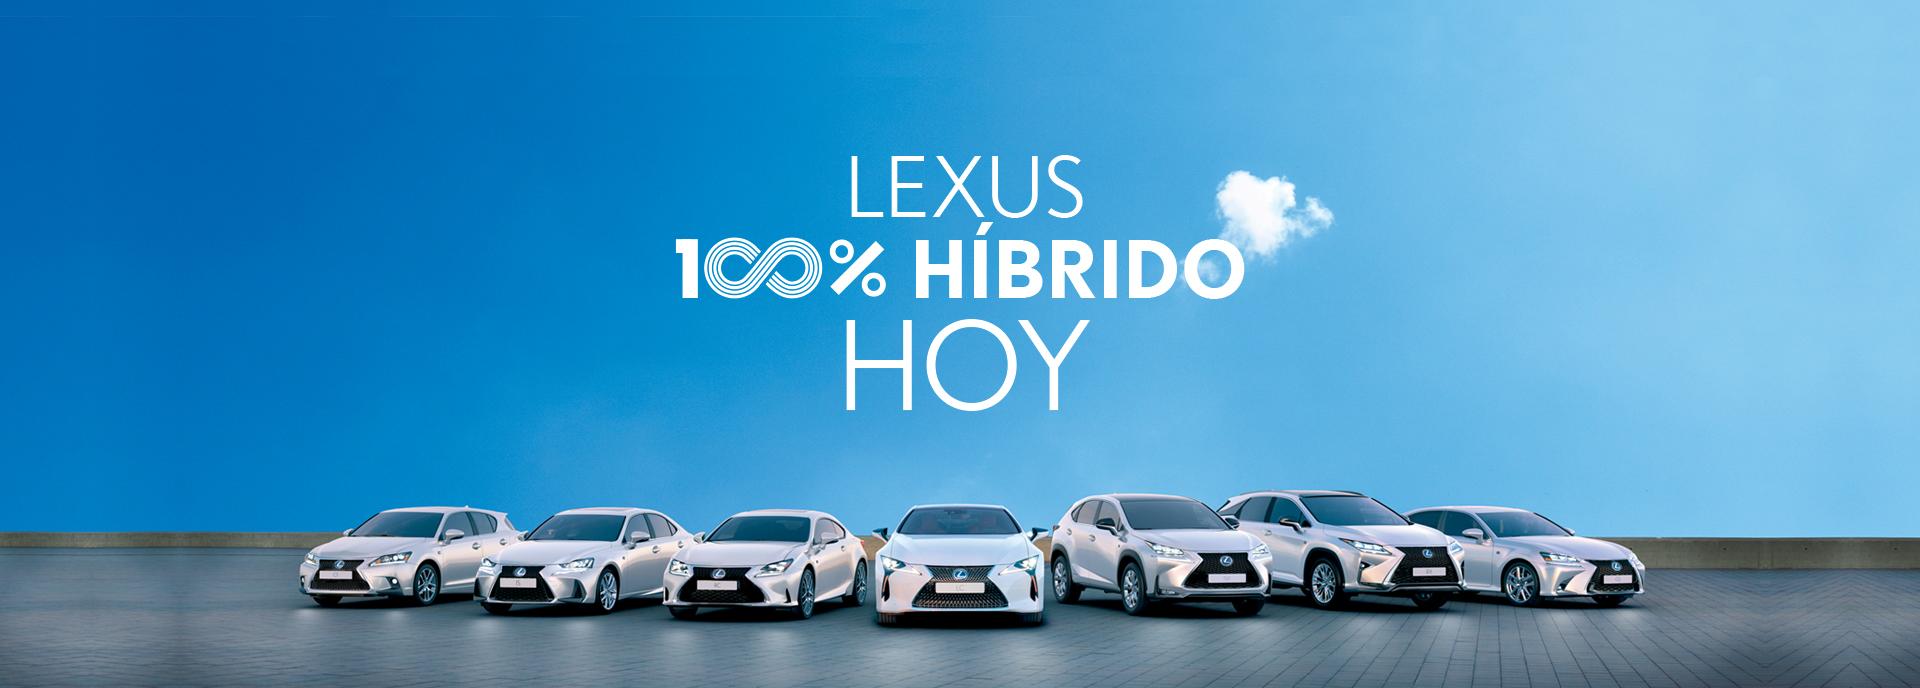 Vista general de la gama Lexus al completo junto al logo Lexus 100 Híbrido Hoy